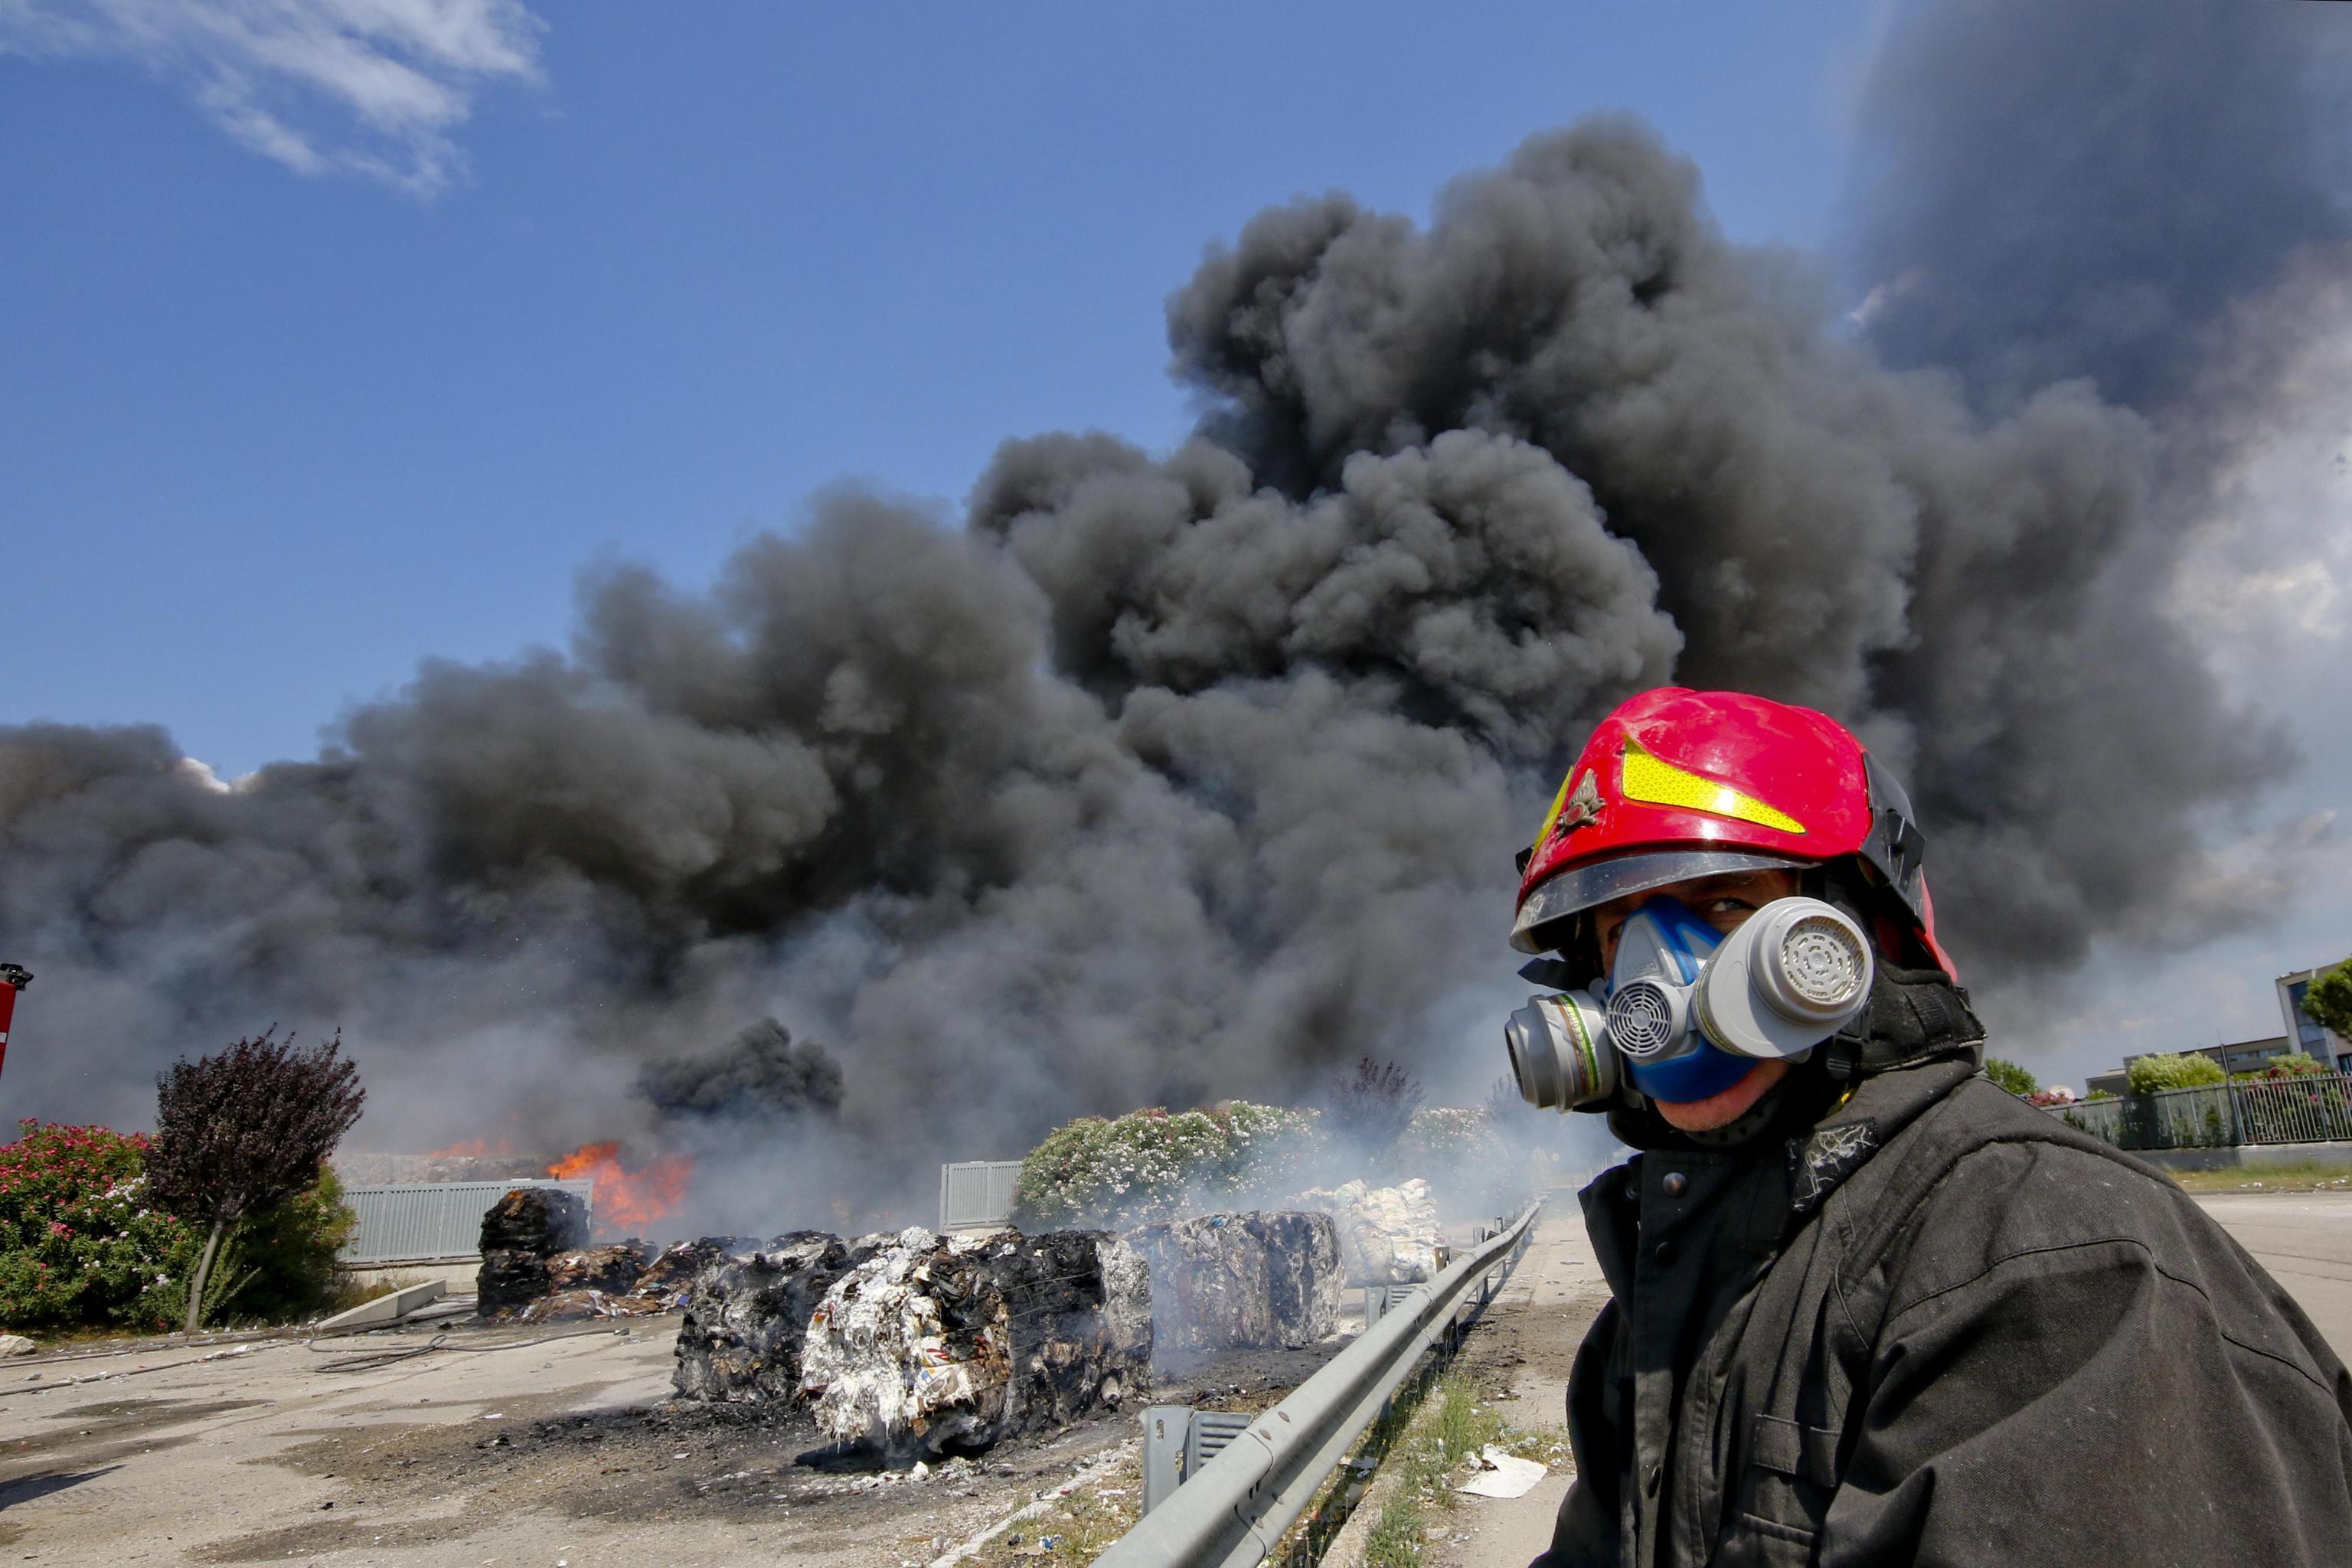 In Italia lo smaltimento dei rifiuti è al capolinea. Roghi e mancanza di impianti: cosa fare?